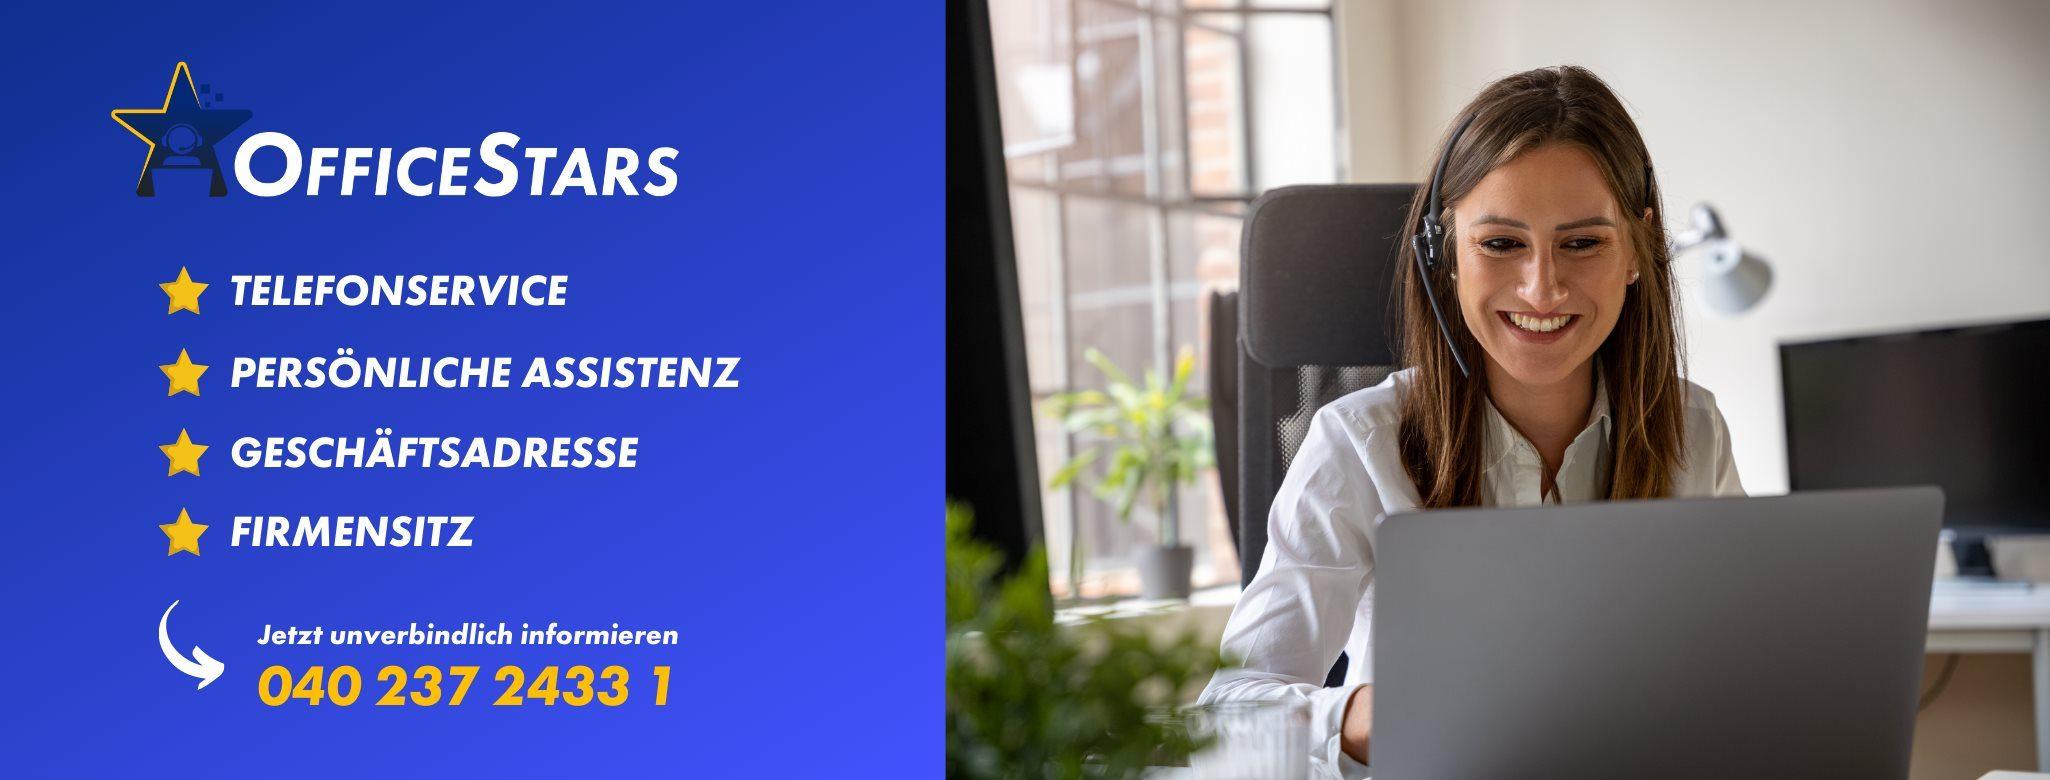 OfficeStars – virtueller Büroservice